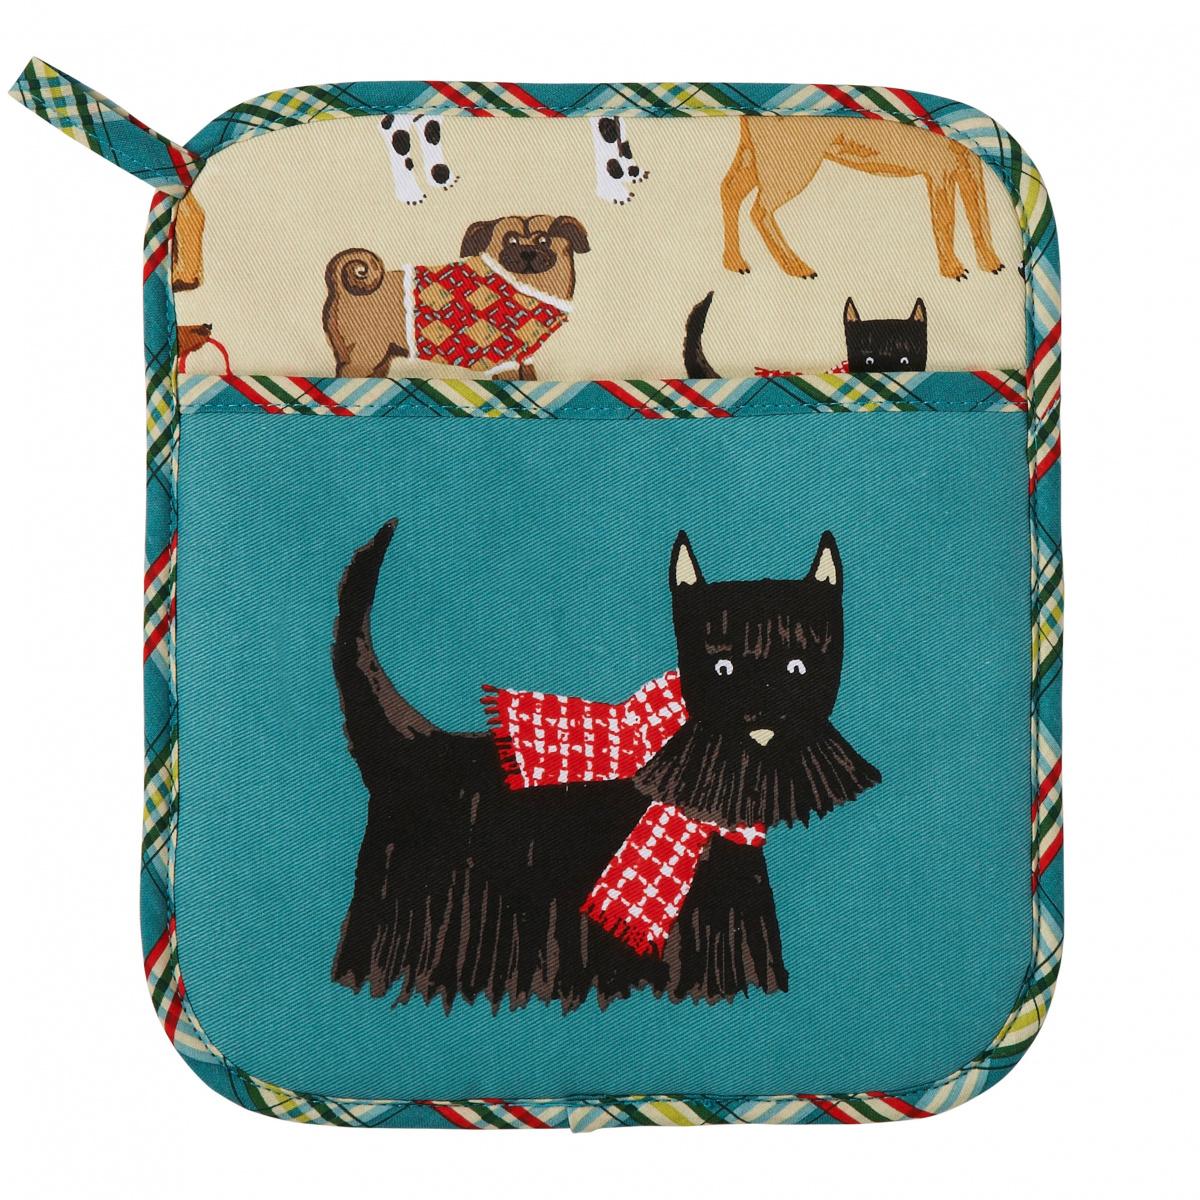 Ulster Weavers grydelap - Hound Dog